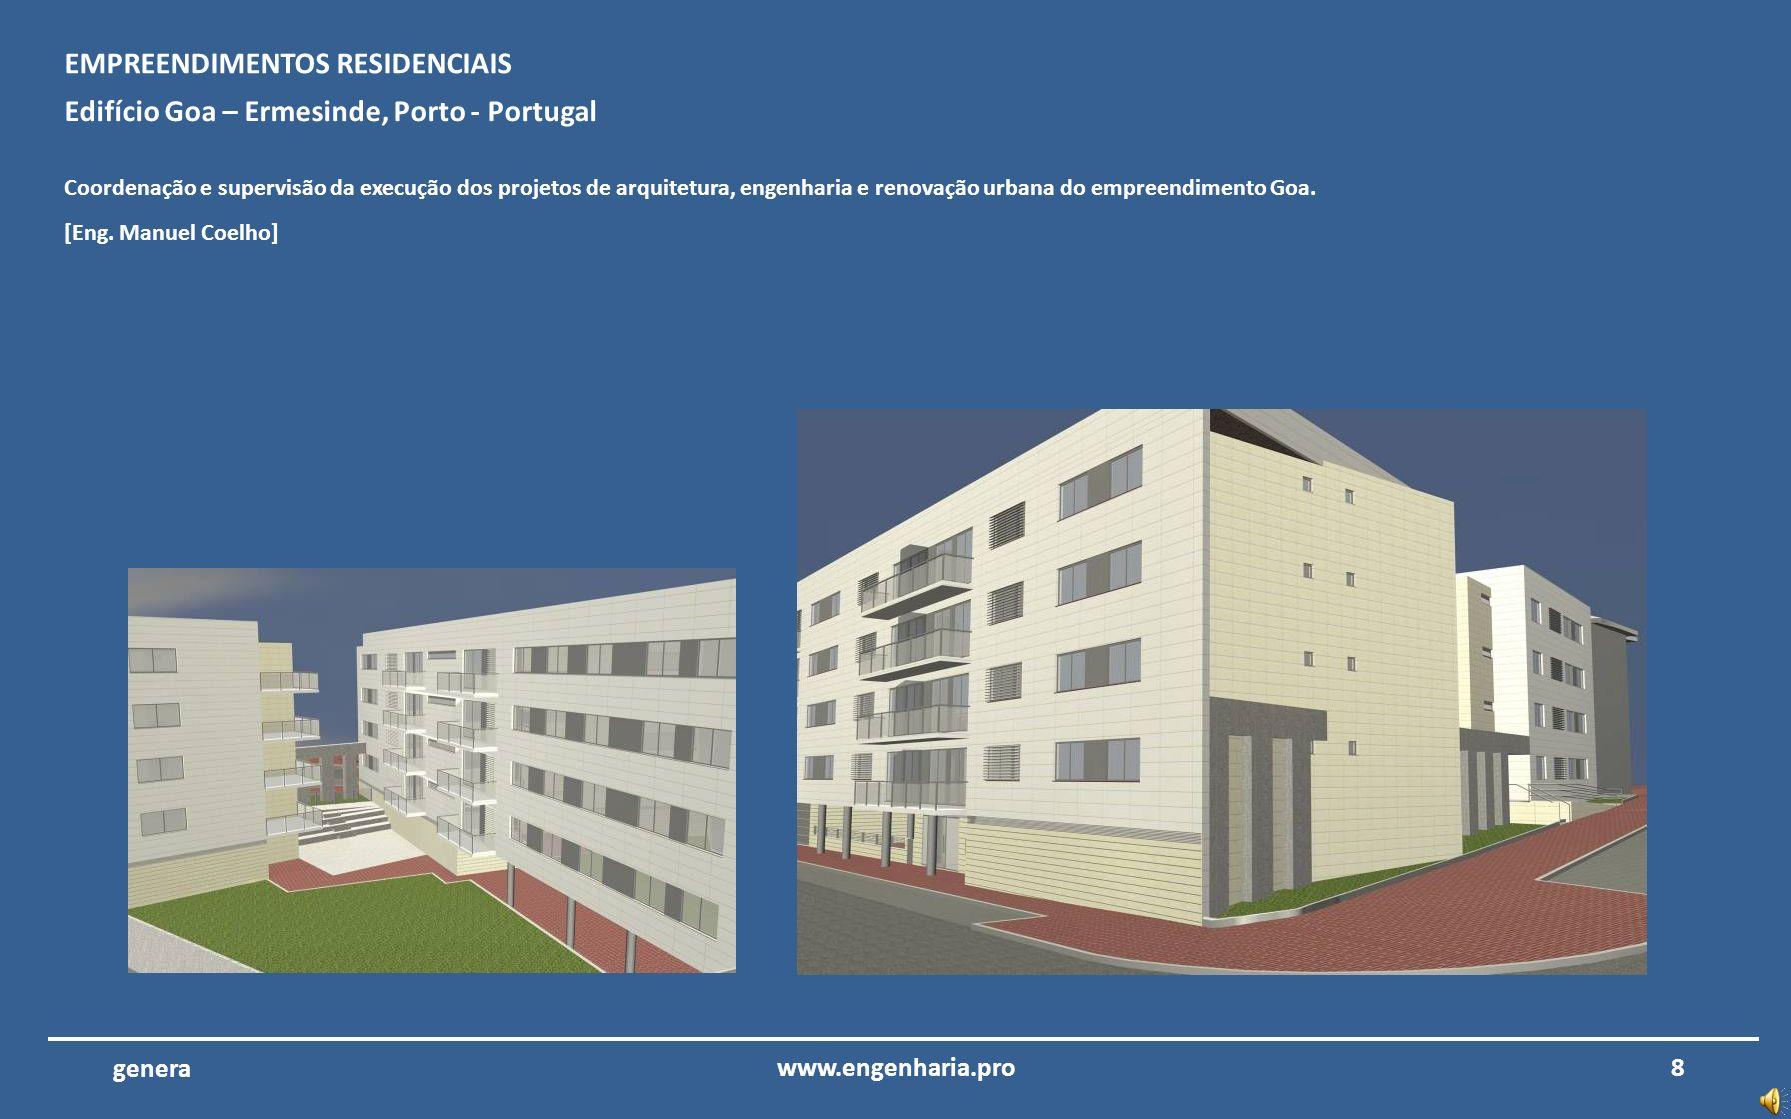 Apresentam-se de seguida as imagens do portfólio dos projetos de engenharia da Genera 7www.engenharia.pro genera